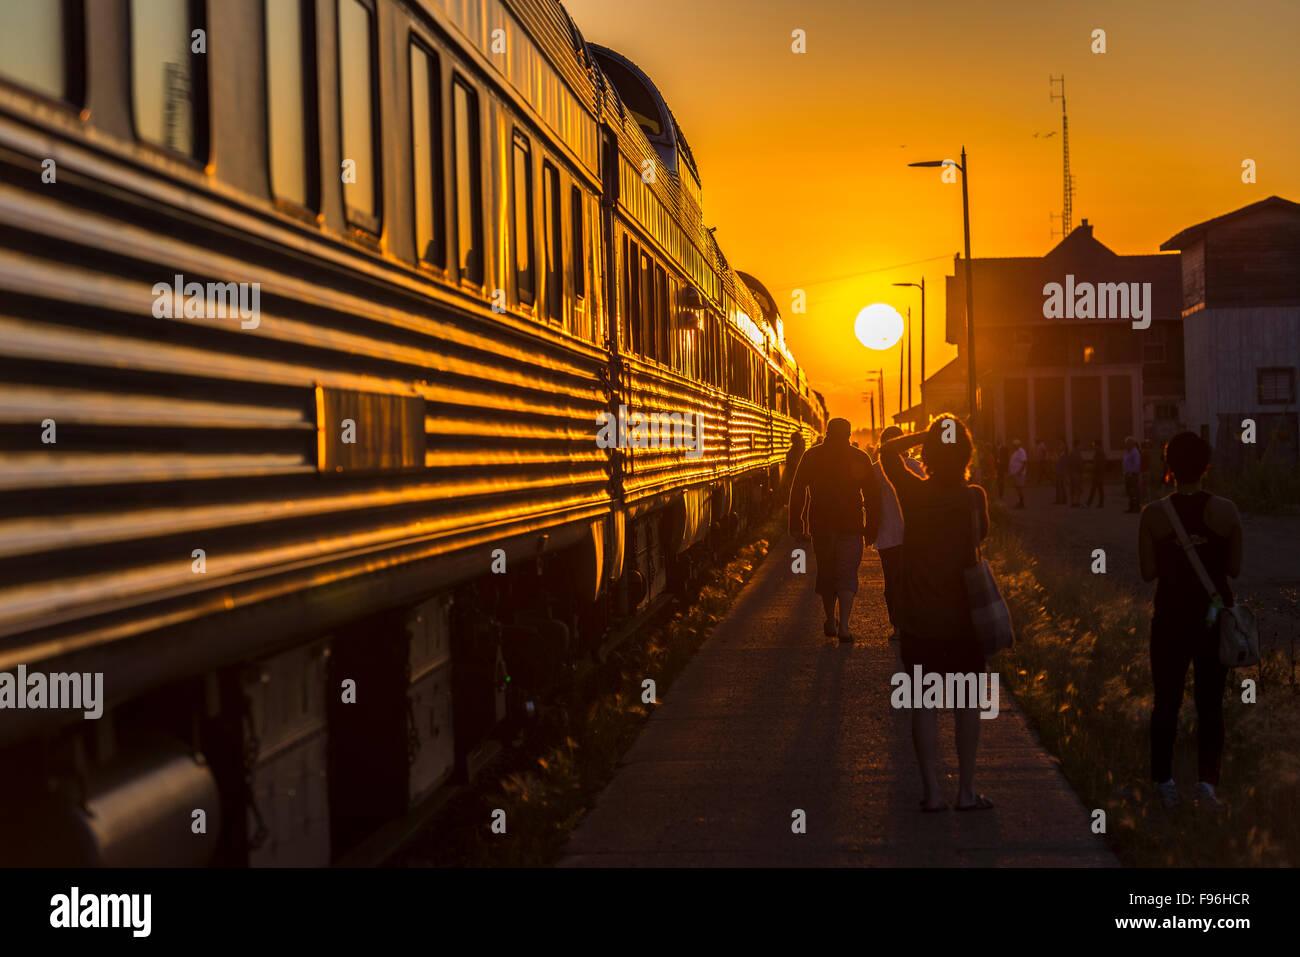 Sonnenuntergang vor Personenzug hielt in der Stadt von Melville in Saskatchewan, Kanada. Stockbild